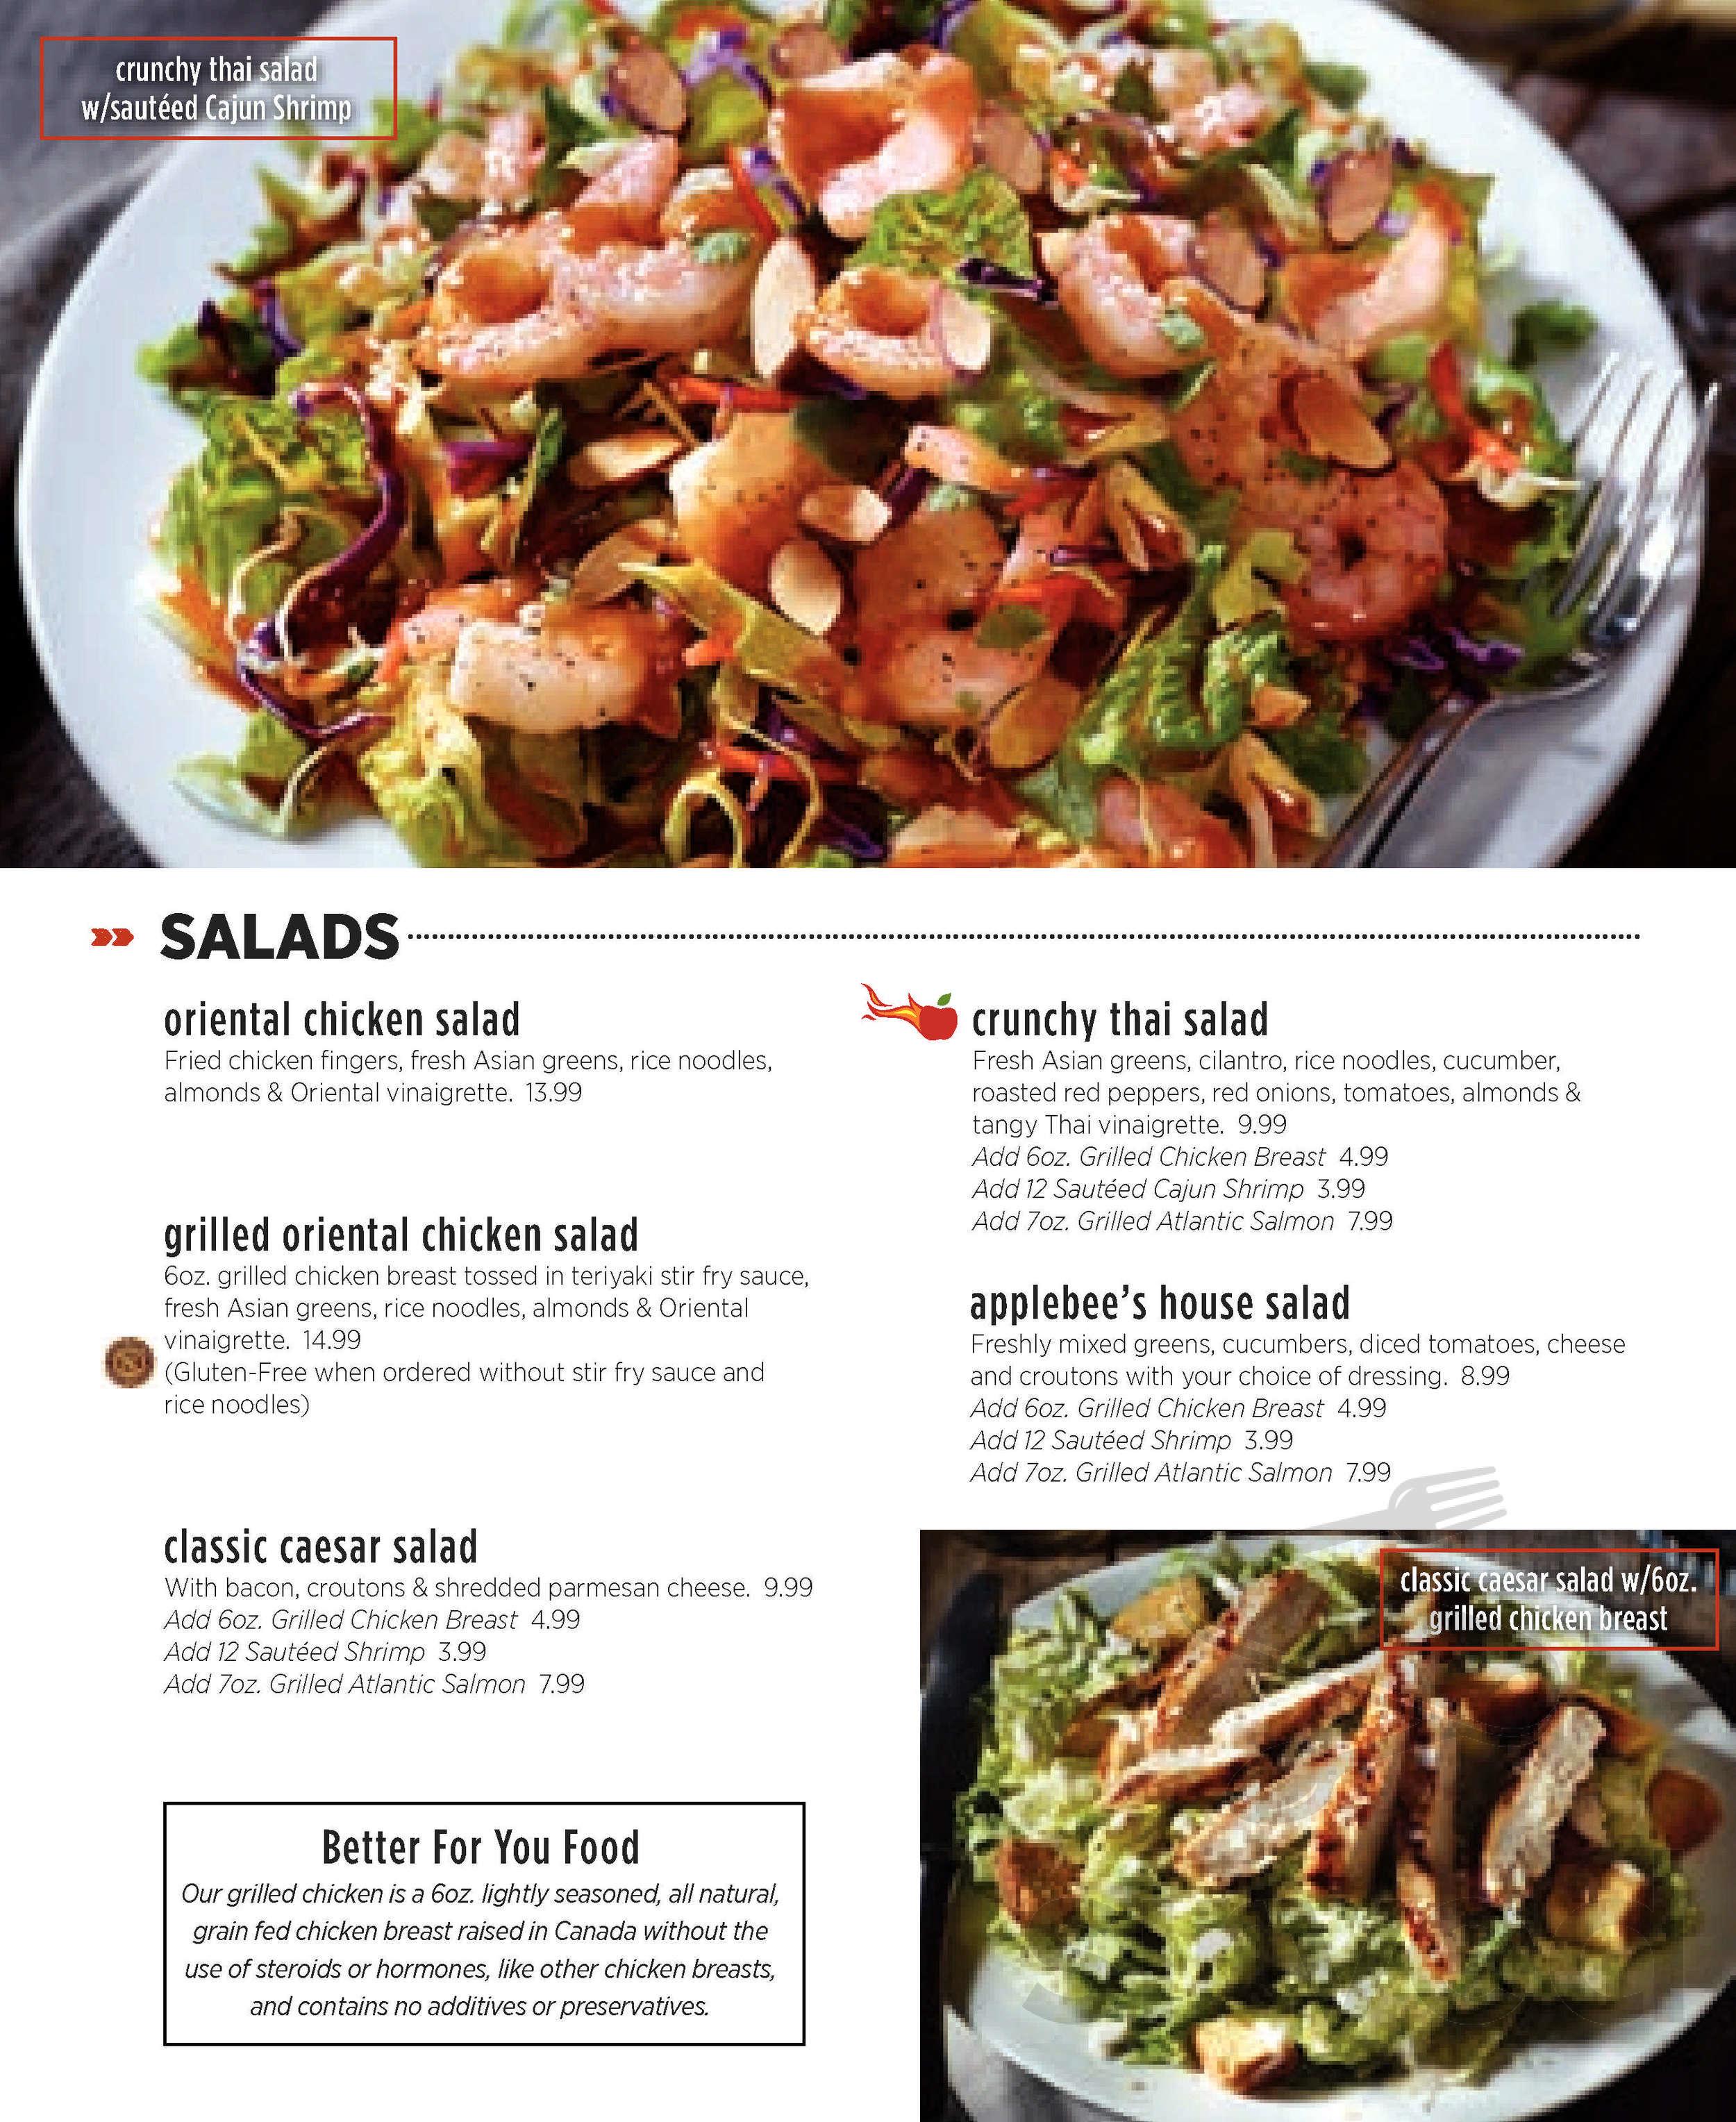 menu for applebee's in regina, saskatchewan, canada